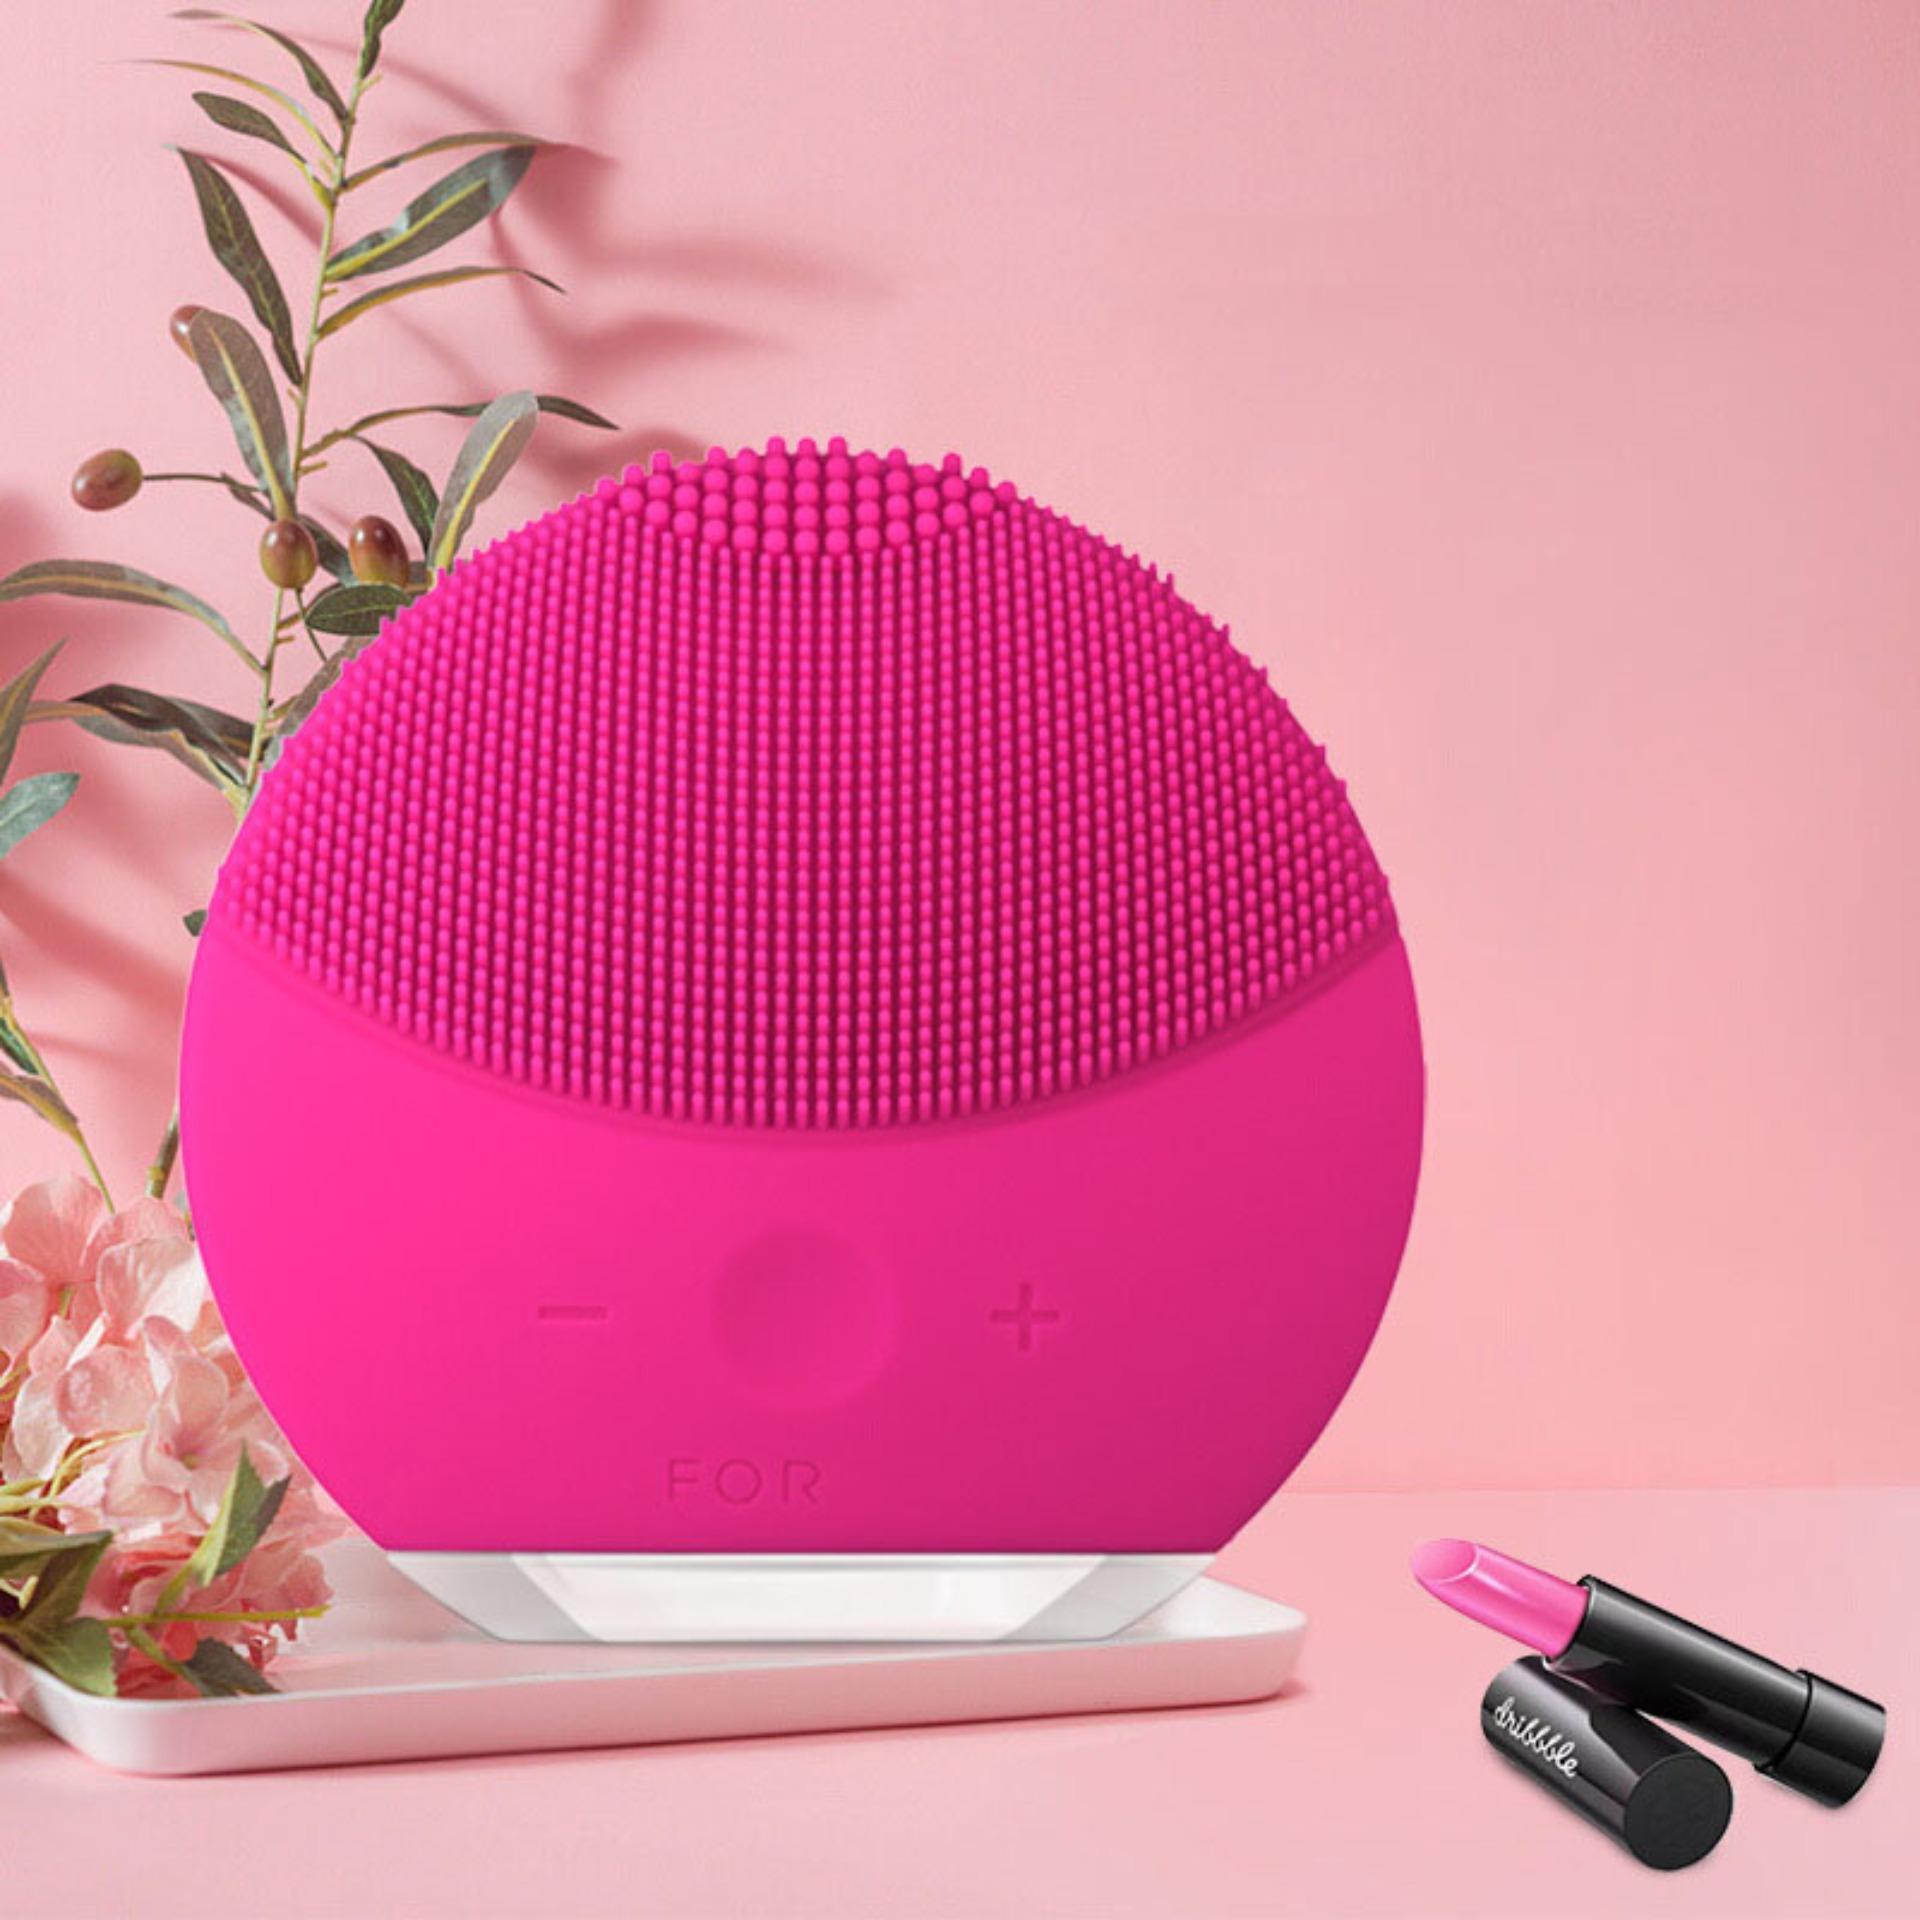 Máy Massage Rửa Mặt Thần Kỳ,  Máy Rửa Mặt Foreod-Lu&na Giá Rẻ , Máy Rửa Mặt Foreod-Lu&na Mini 2 Mini Silicon Mềm Mại Công Nghẹ Rung Dành Cho Da Nhạy Cảm – Làm Sạch Sâu Giúp Làn Da Mịn Màng Khỏe Mạnh Giảm Bã Nhờn Và Mụn.